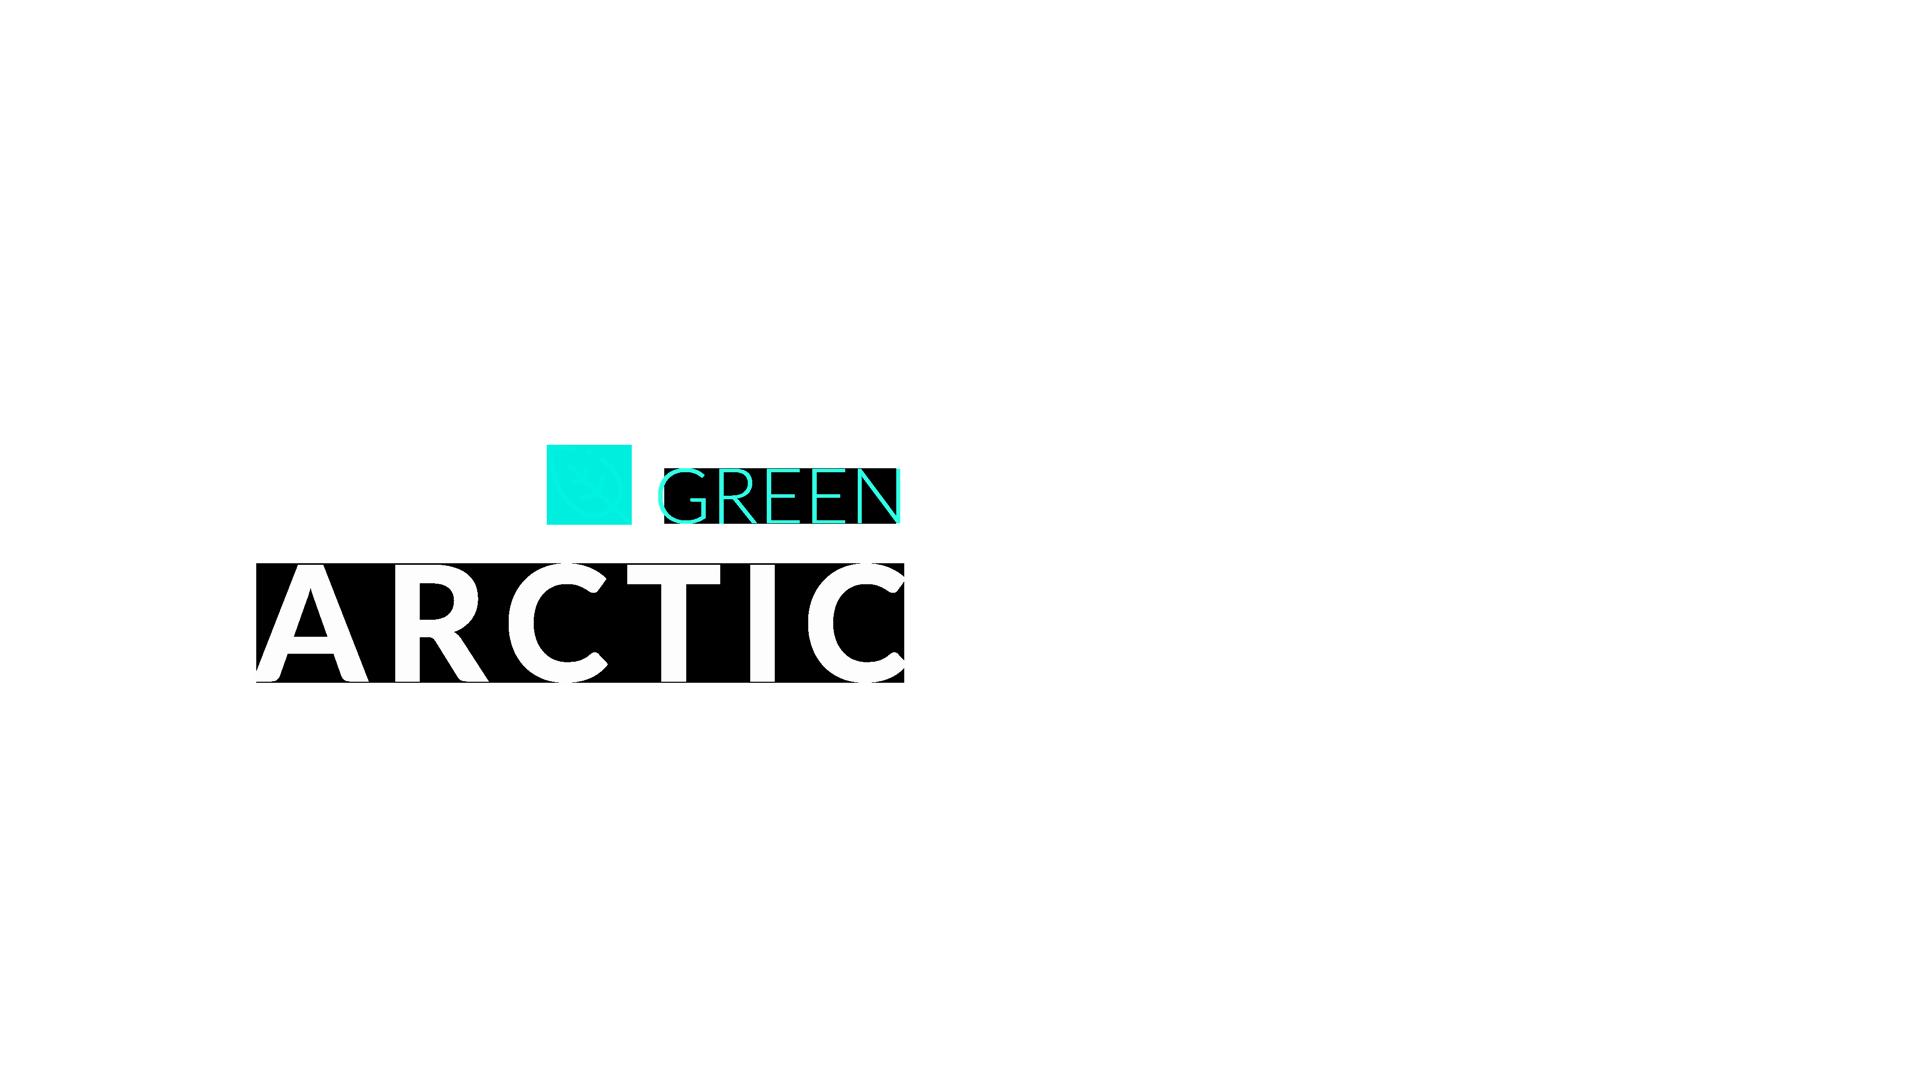 arctic_header_green_arctic_fg